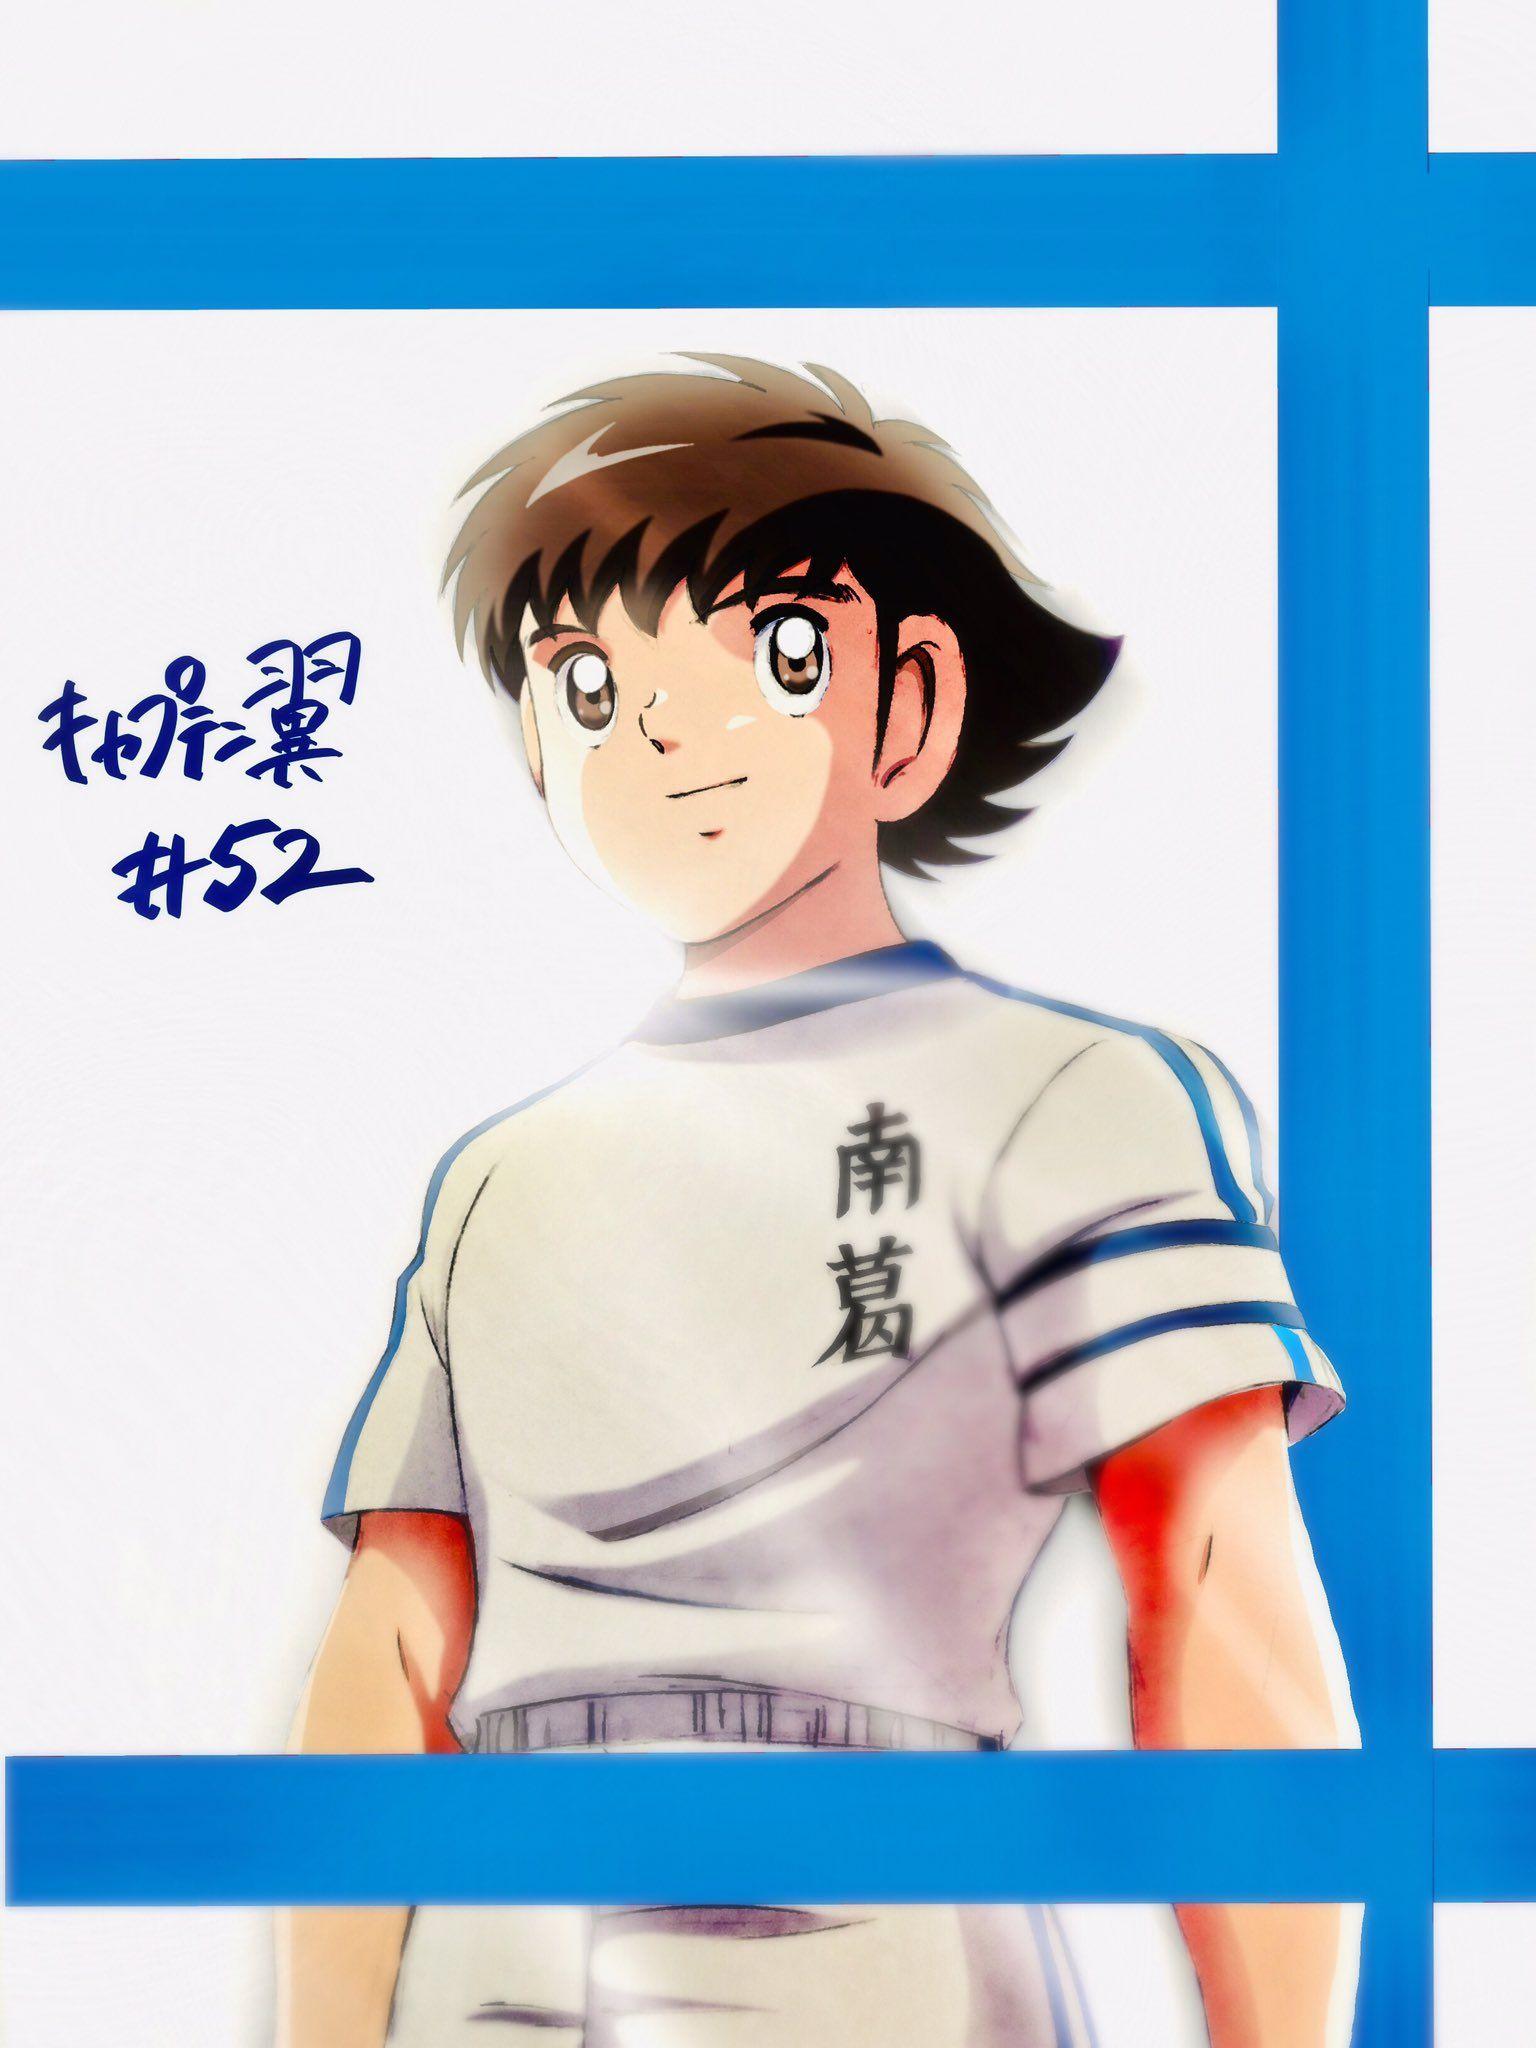 Captain Tsubasa 2018 Gambar Anime Artis Gambar